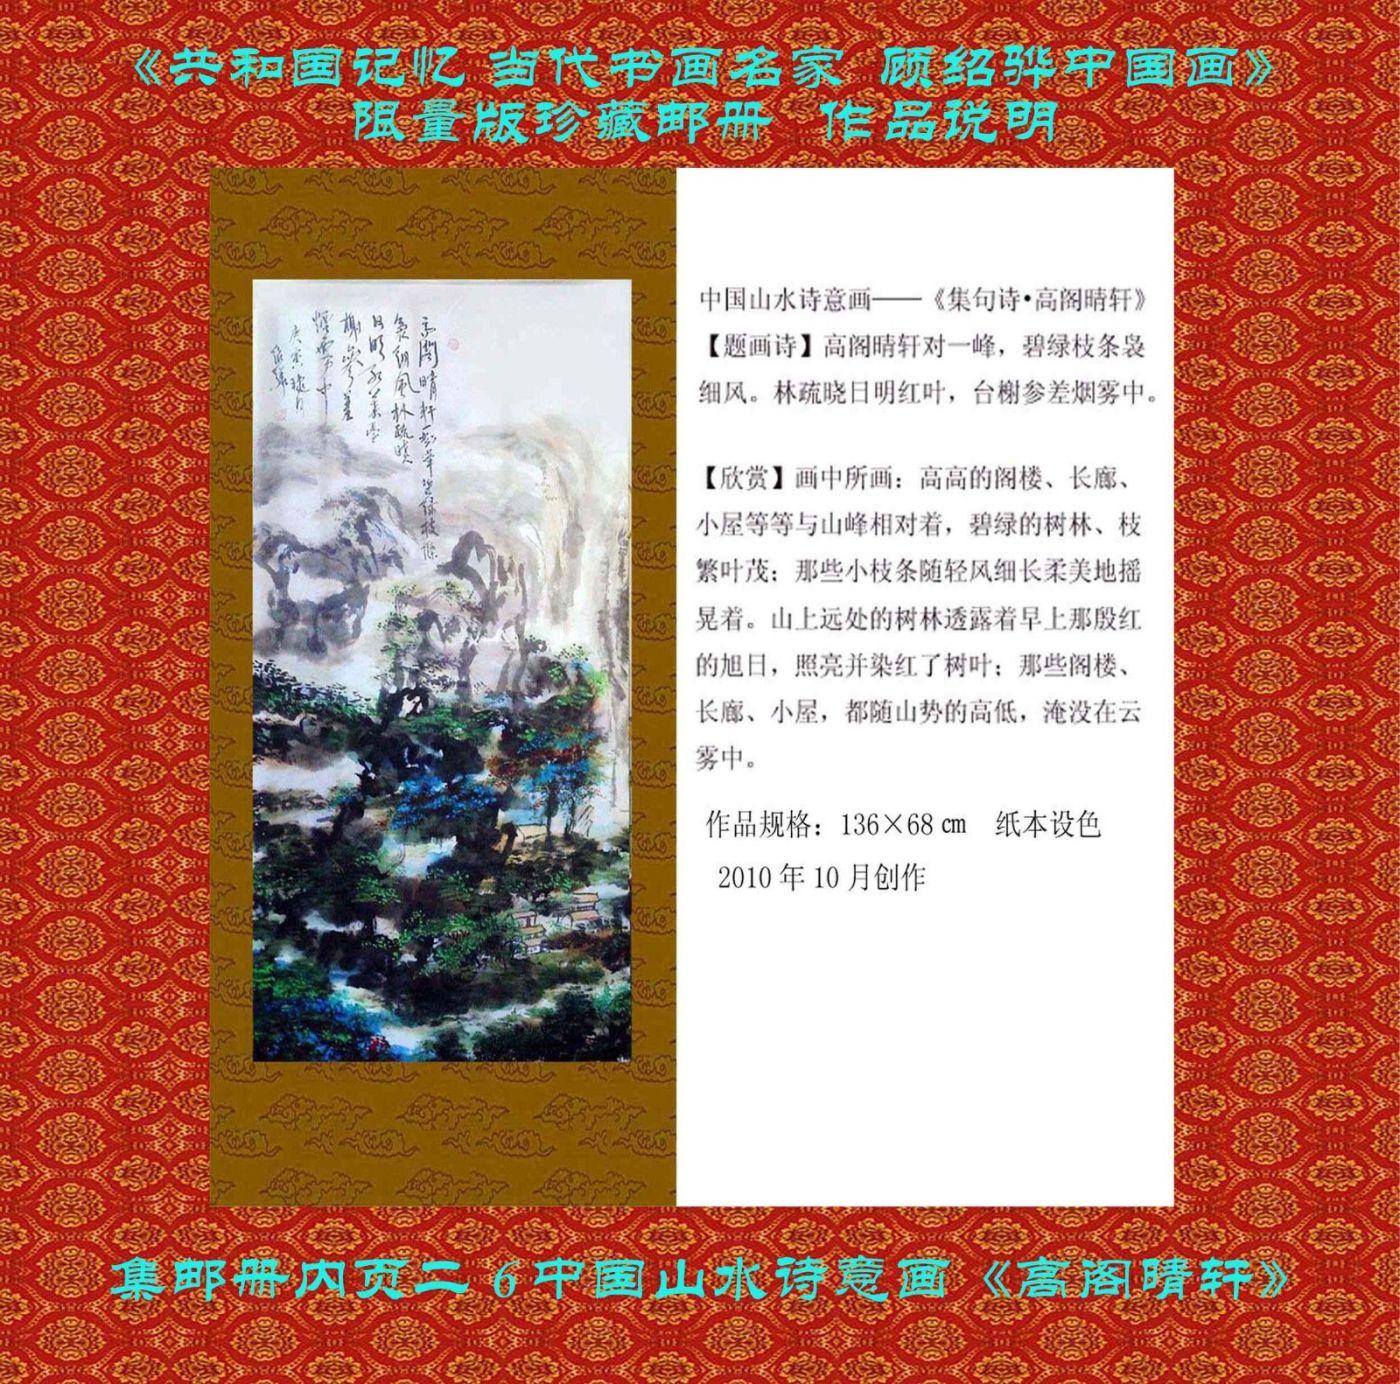 """""""顾绍骅的诗情画意""""入选《共和国记忆 ·中国书画艺术名家》限量版集邮珍藏册 ..._图1-9"""